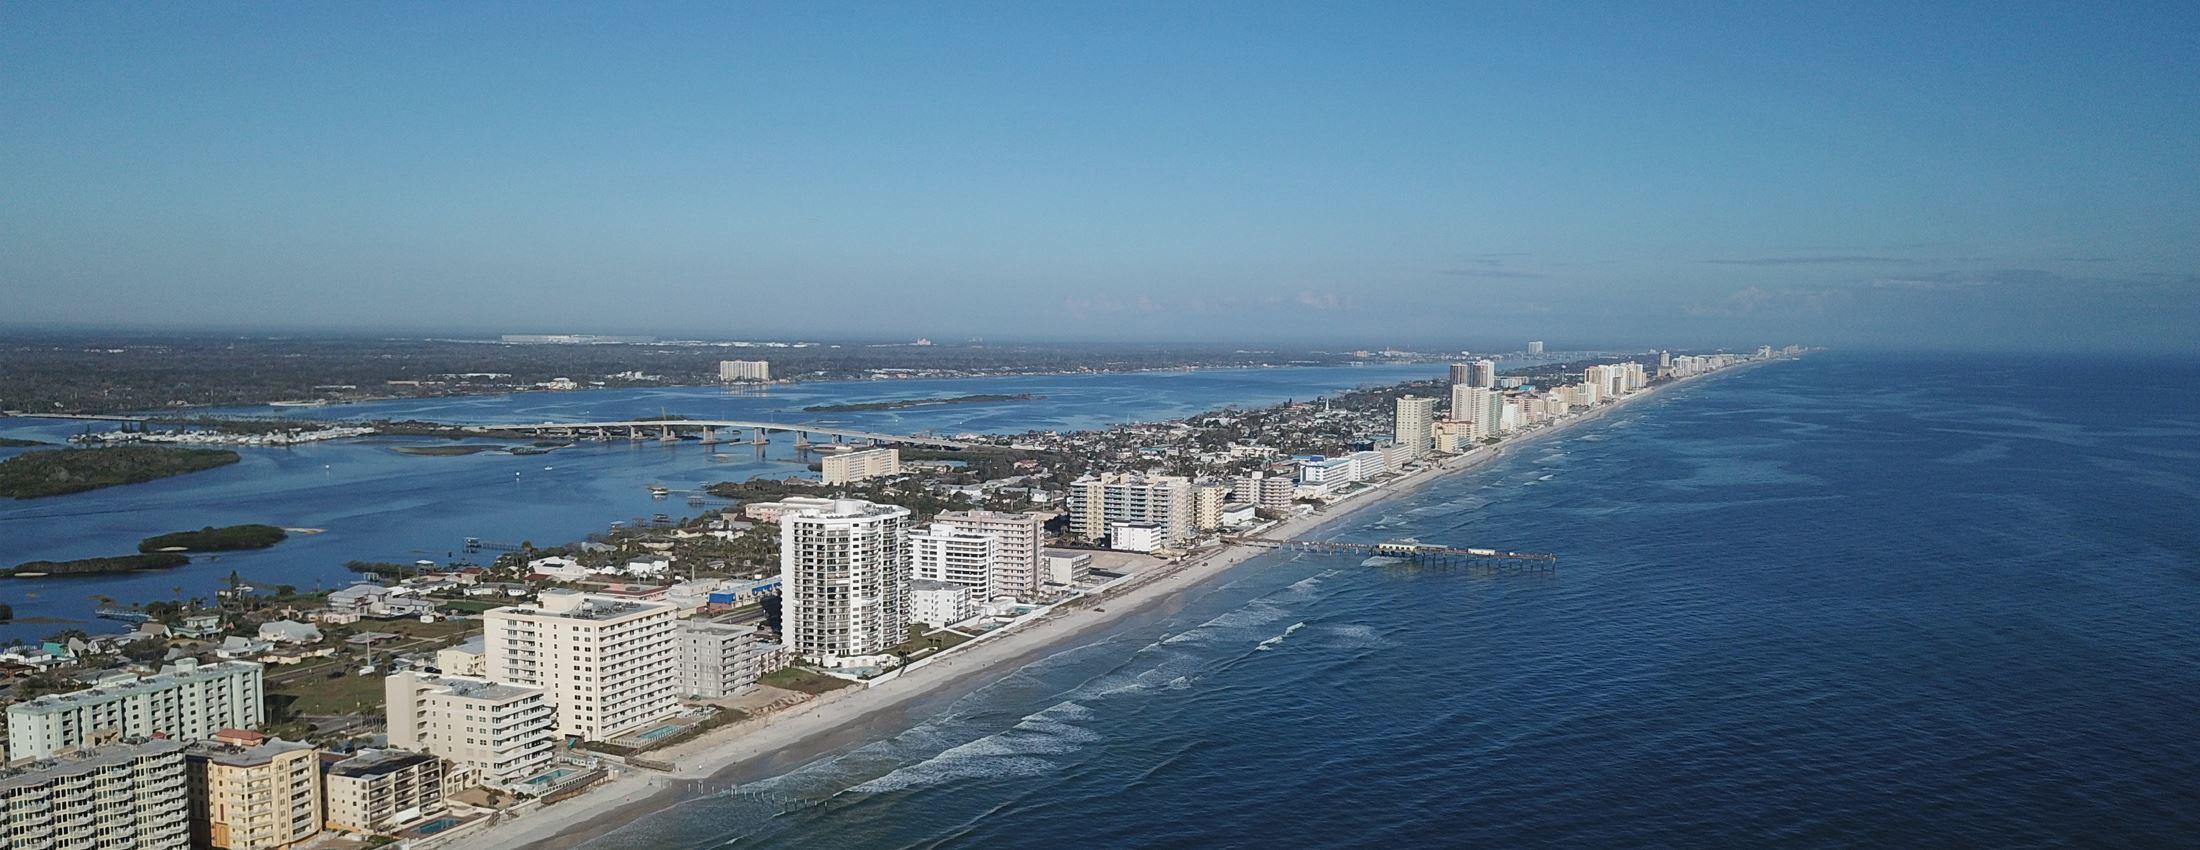 Daytona Beach Ss Fl Official Website